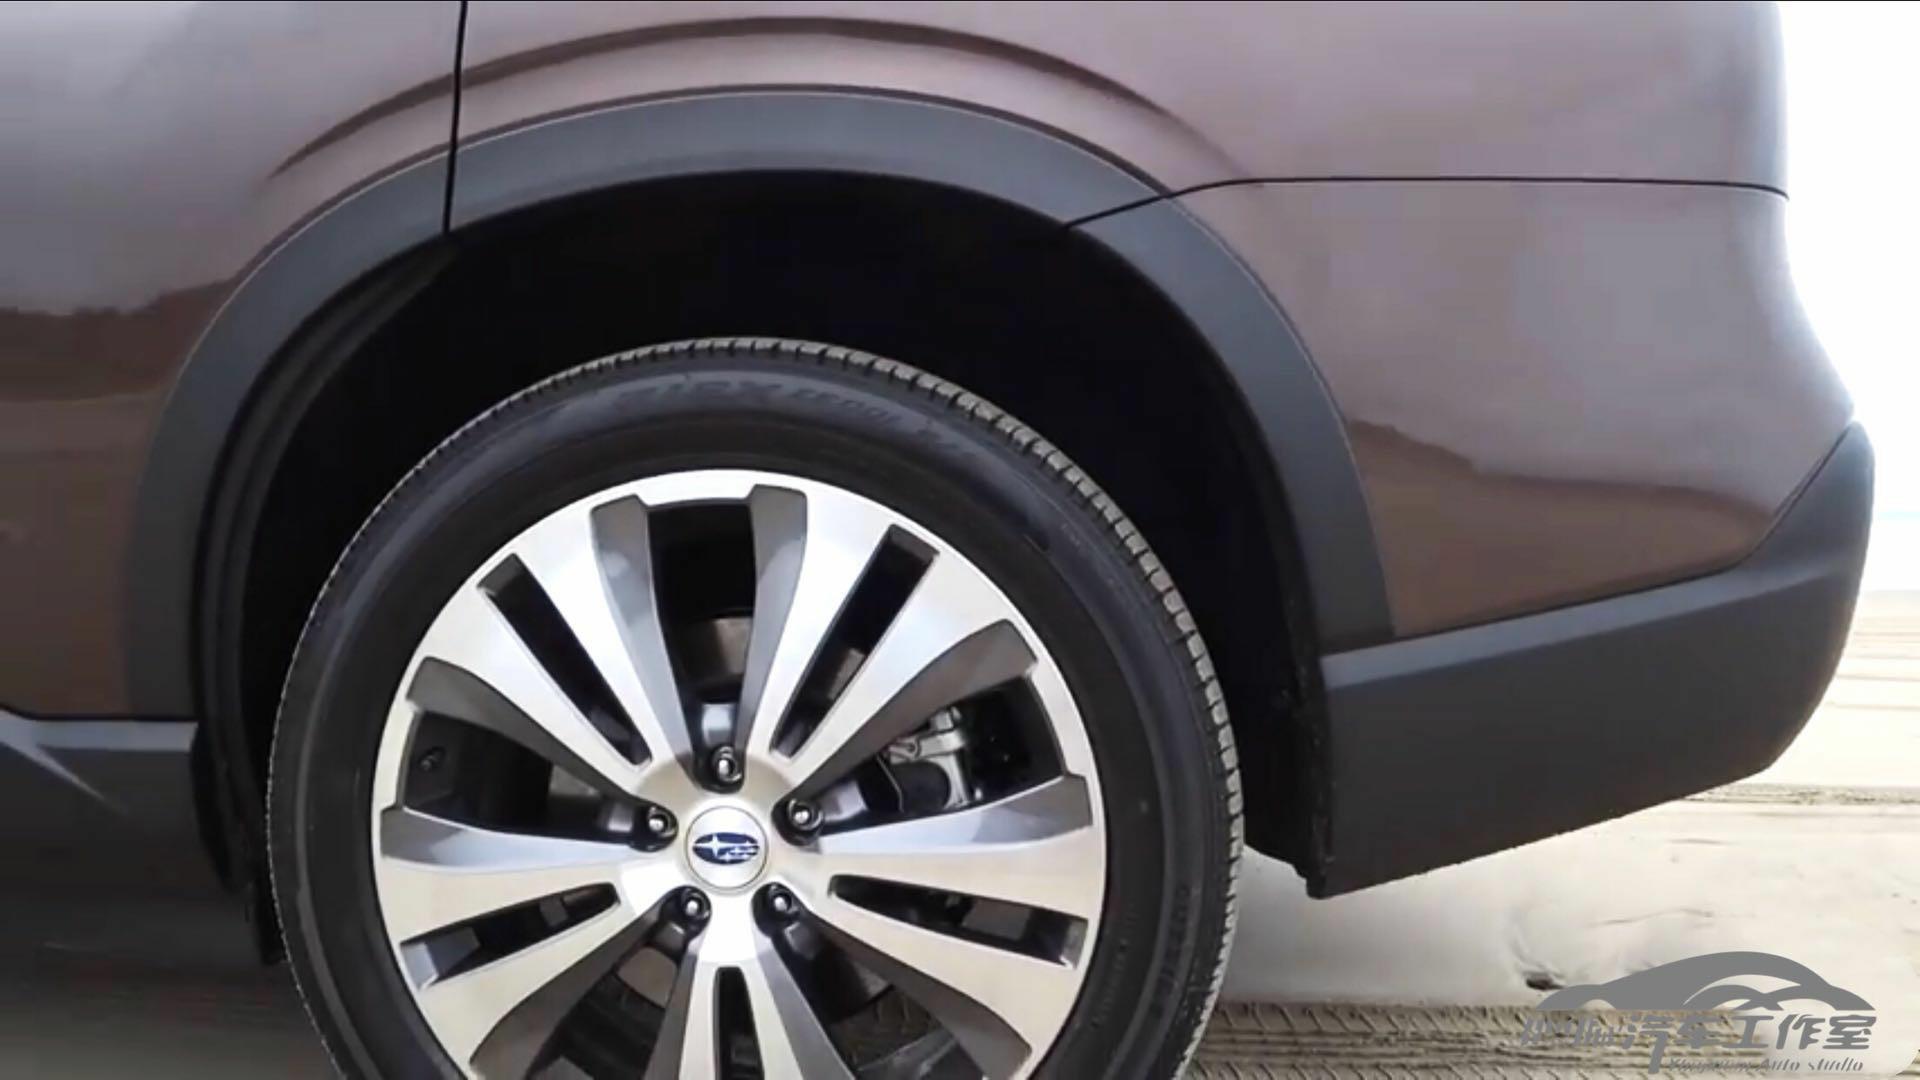 实拍 斯巴鲁Ascent 七座SUV 内饰空间表现优异 动力超途昂